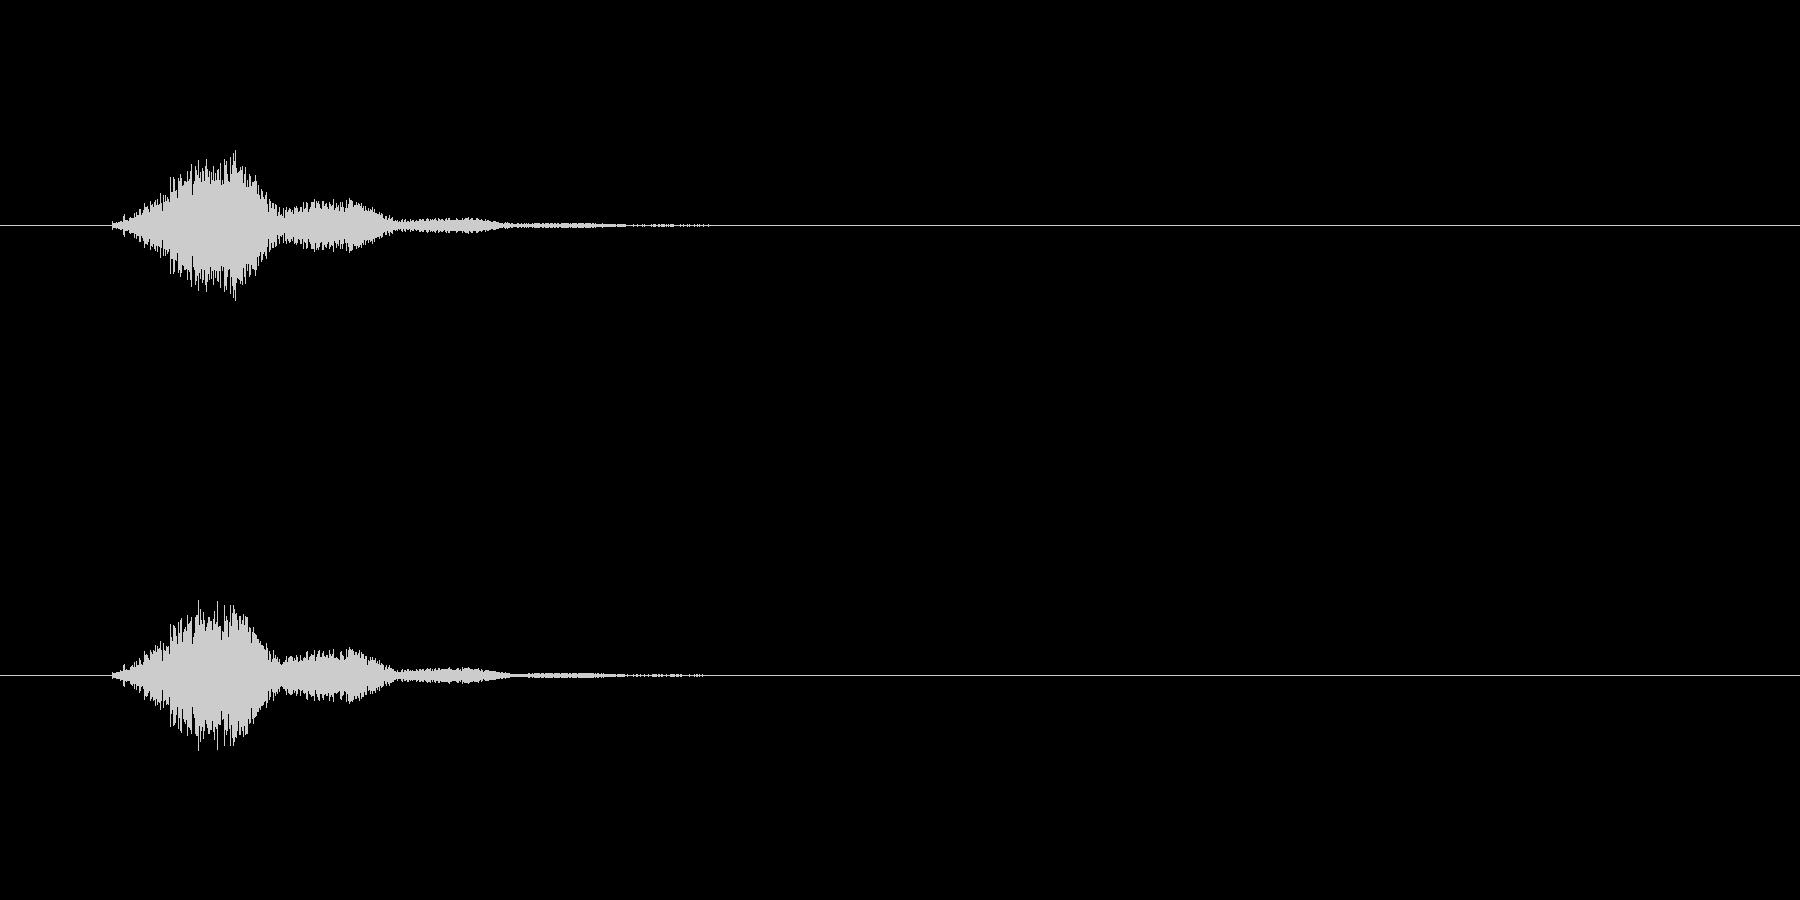 素早い動作SEの未再生の波形